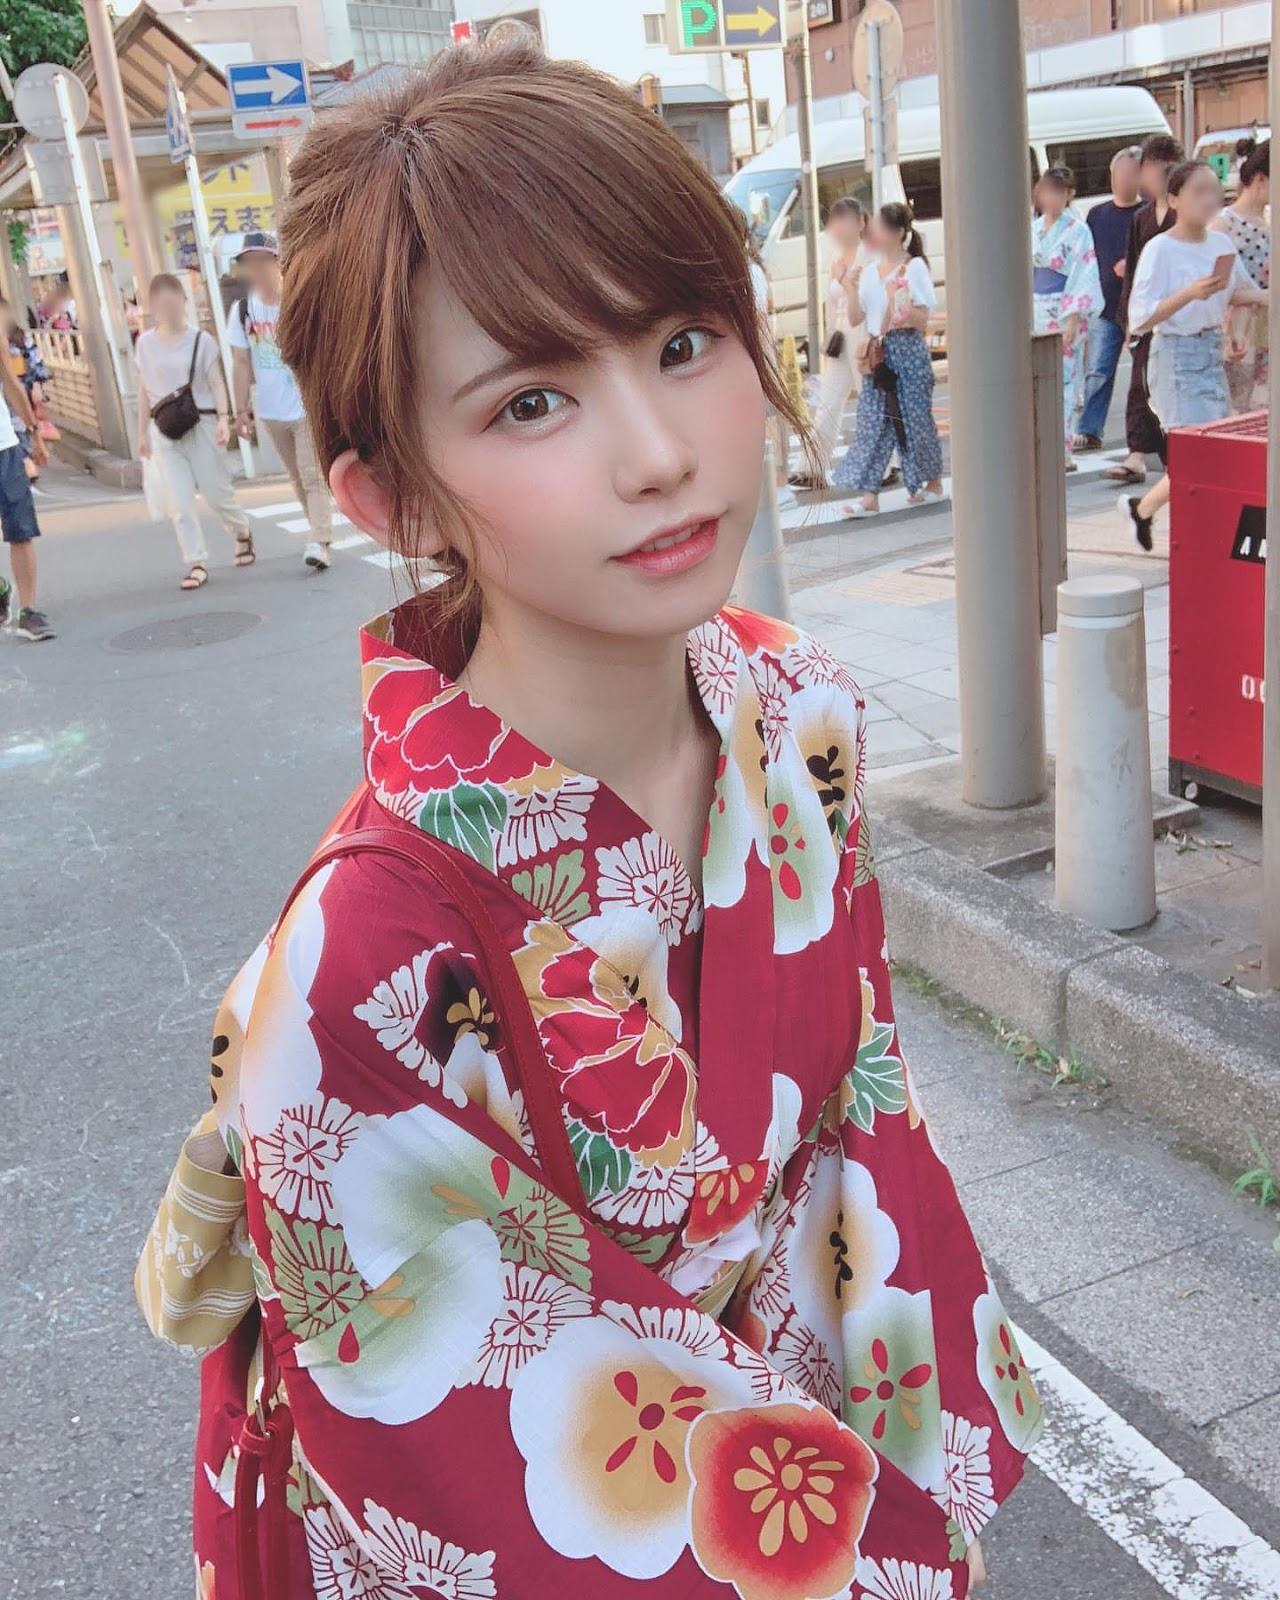 Cosplayer Imut nan Seksi dari Jepang えなこ (Enako)